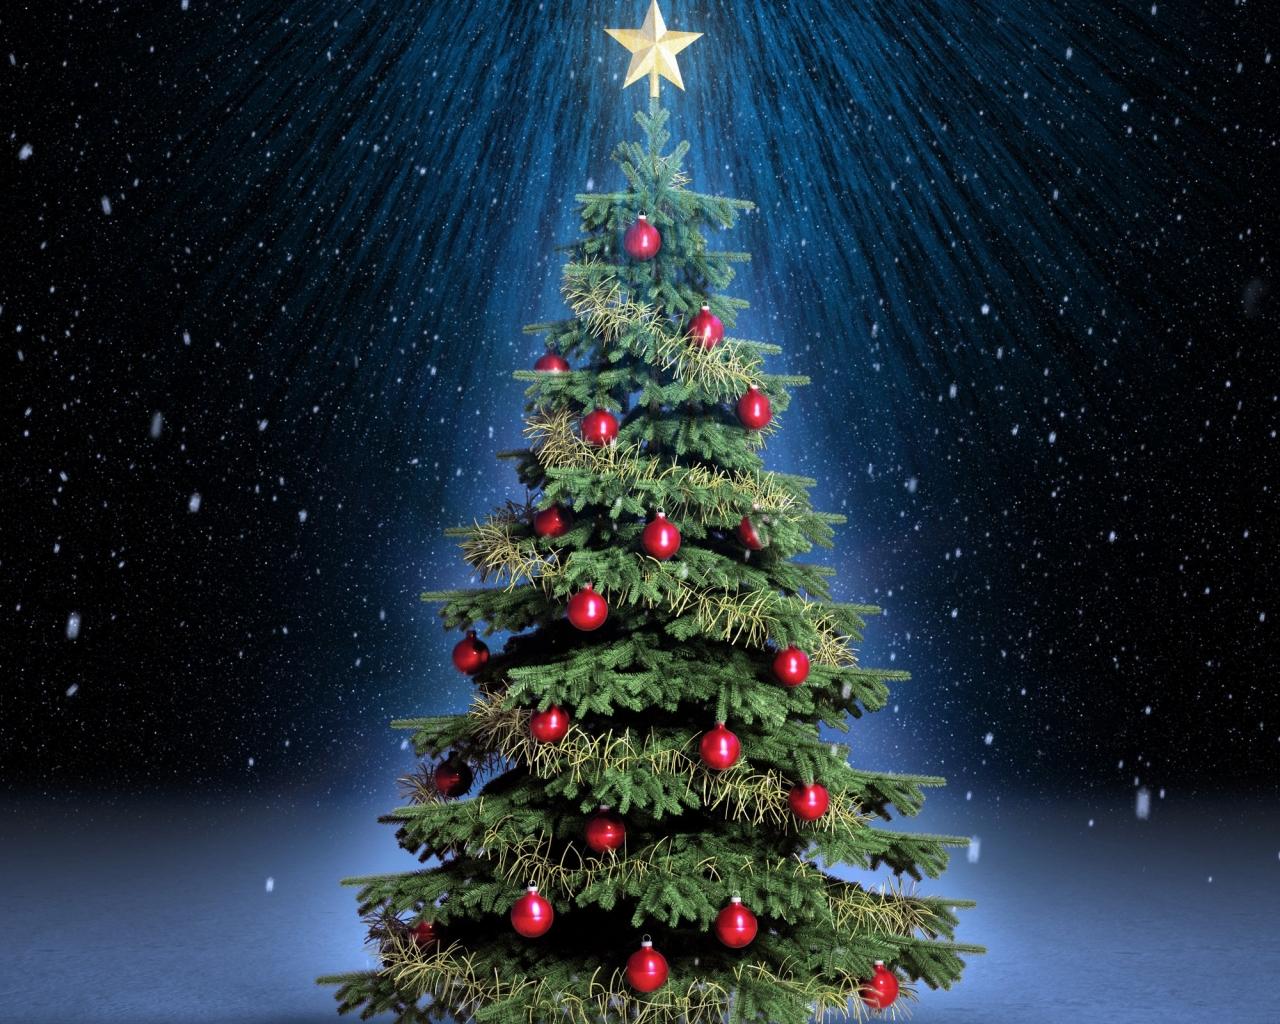 Arbol de navidad con fondo de estrellas - 1280x1024